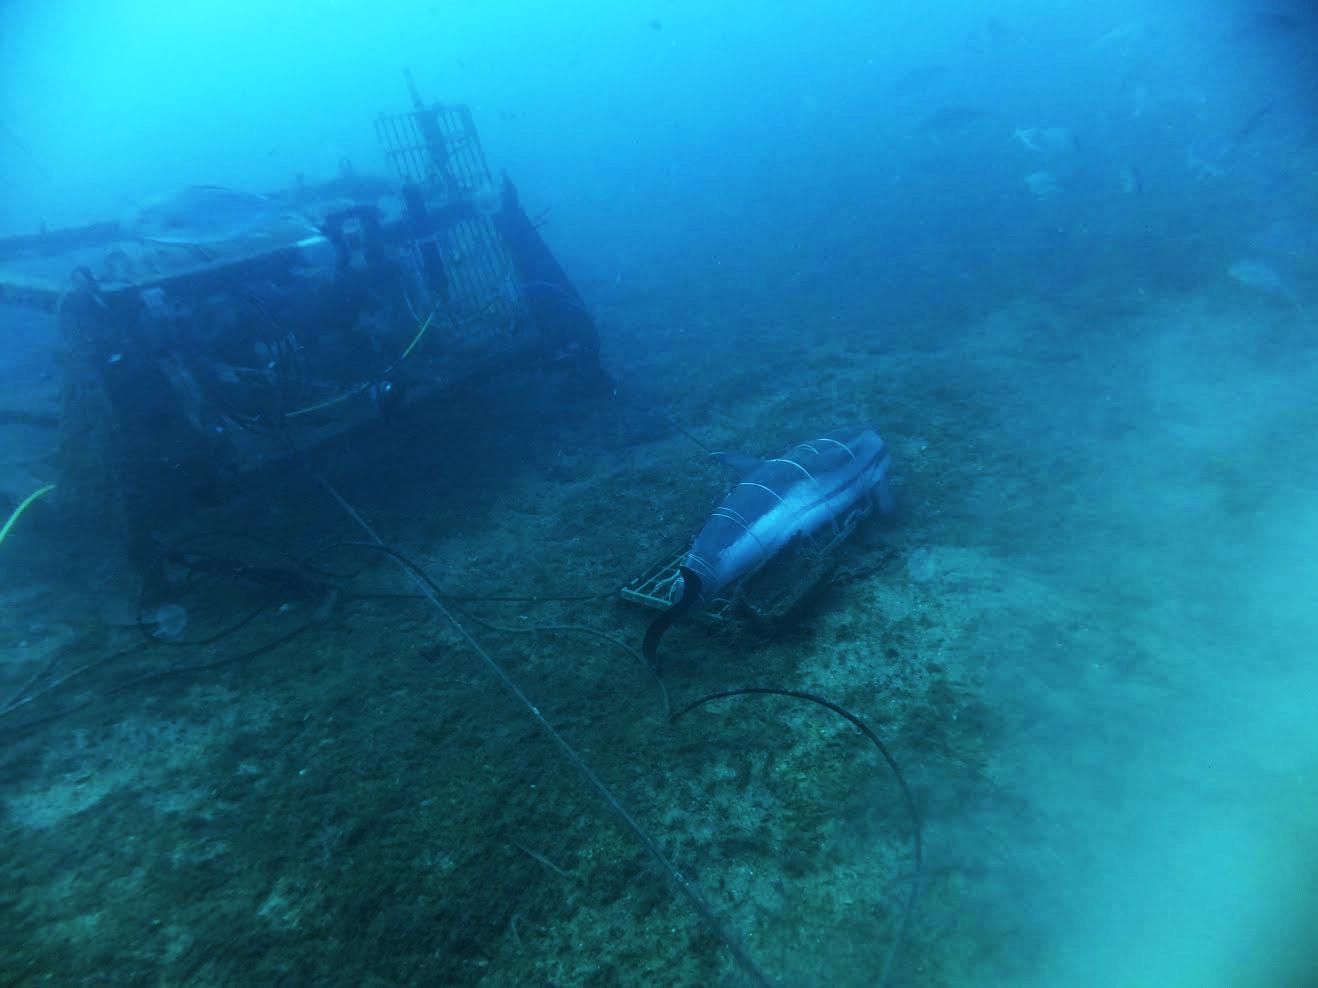 Hunden un delfín muerto para ver las consecuencias sobre el ecosistema marino